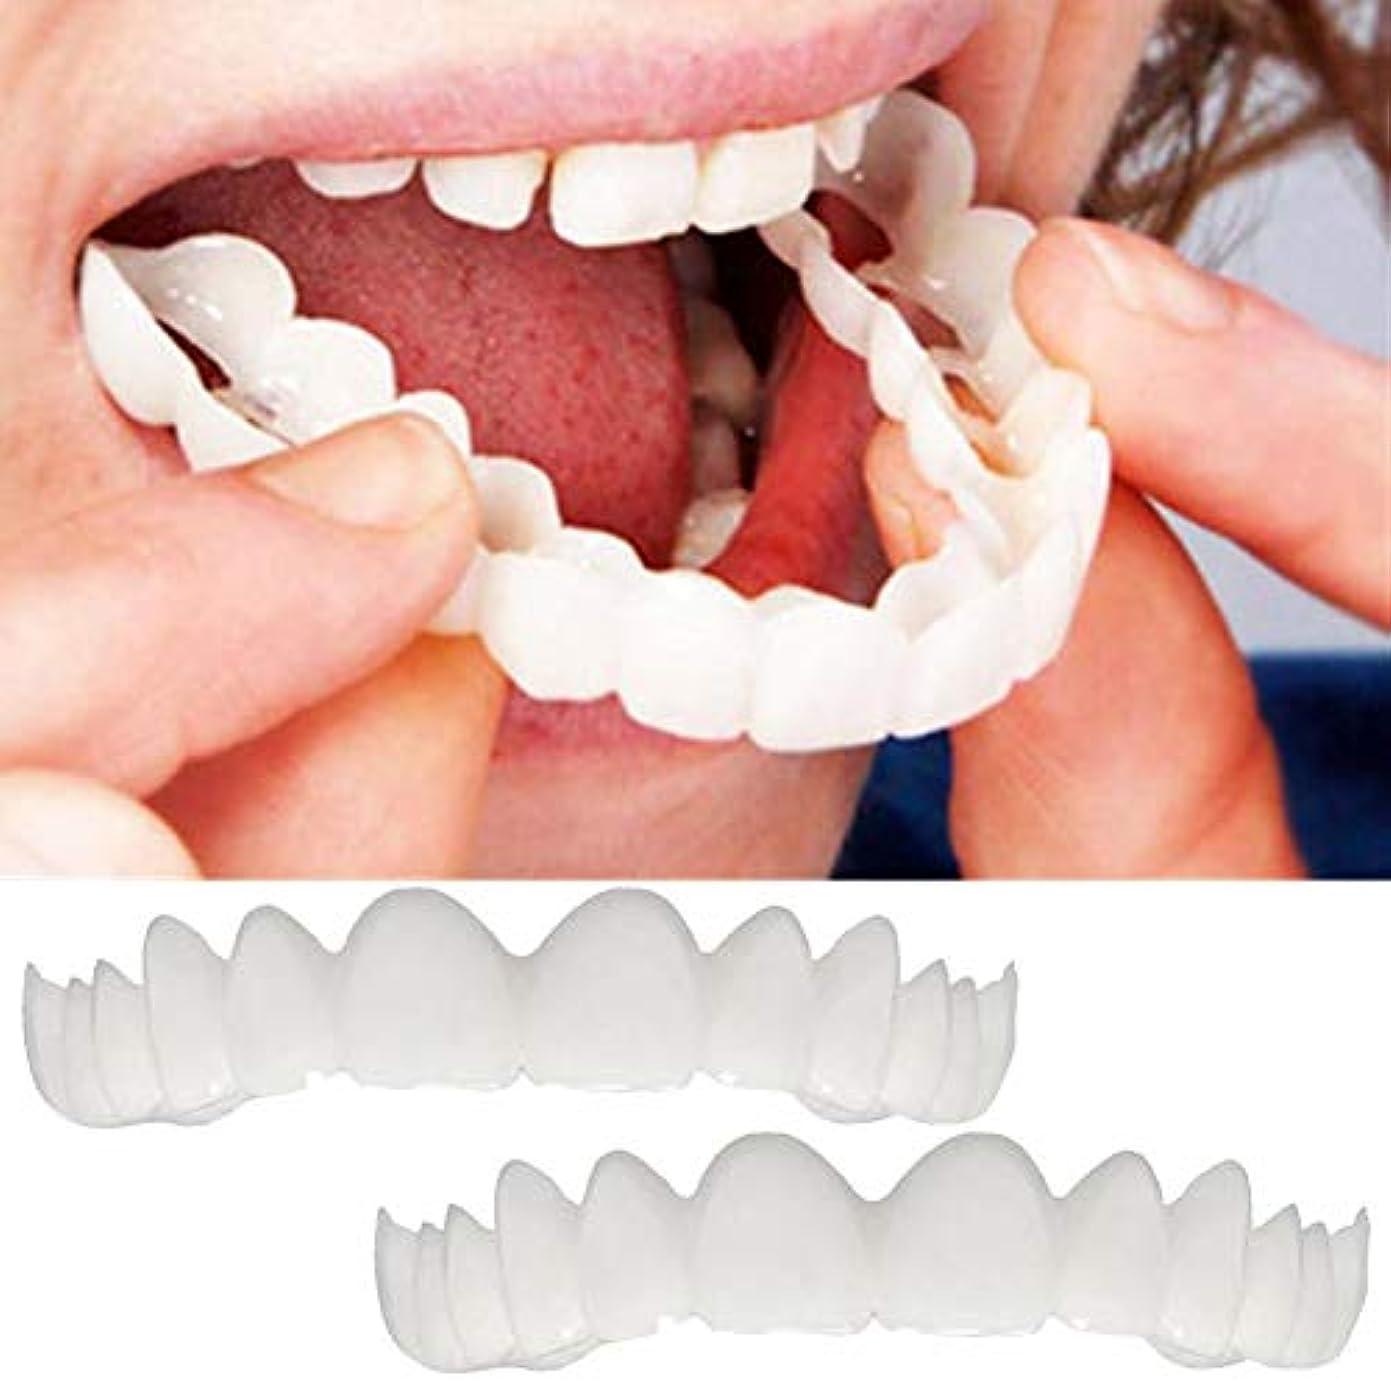 全く許可するモナリザホワイトニングスナップオンスマイルパーフェクトスマイルフィット最も快適な義歯ケア入れ歯デンタルティースベニヤ上の歯と下の歯,1Pcs